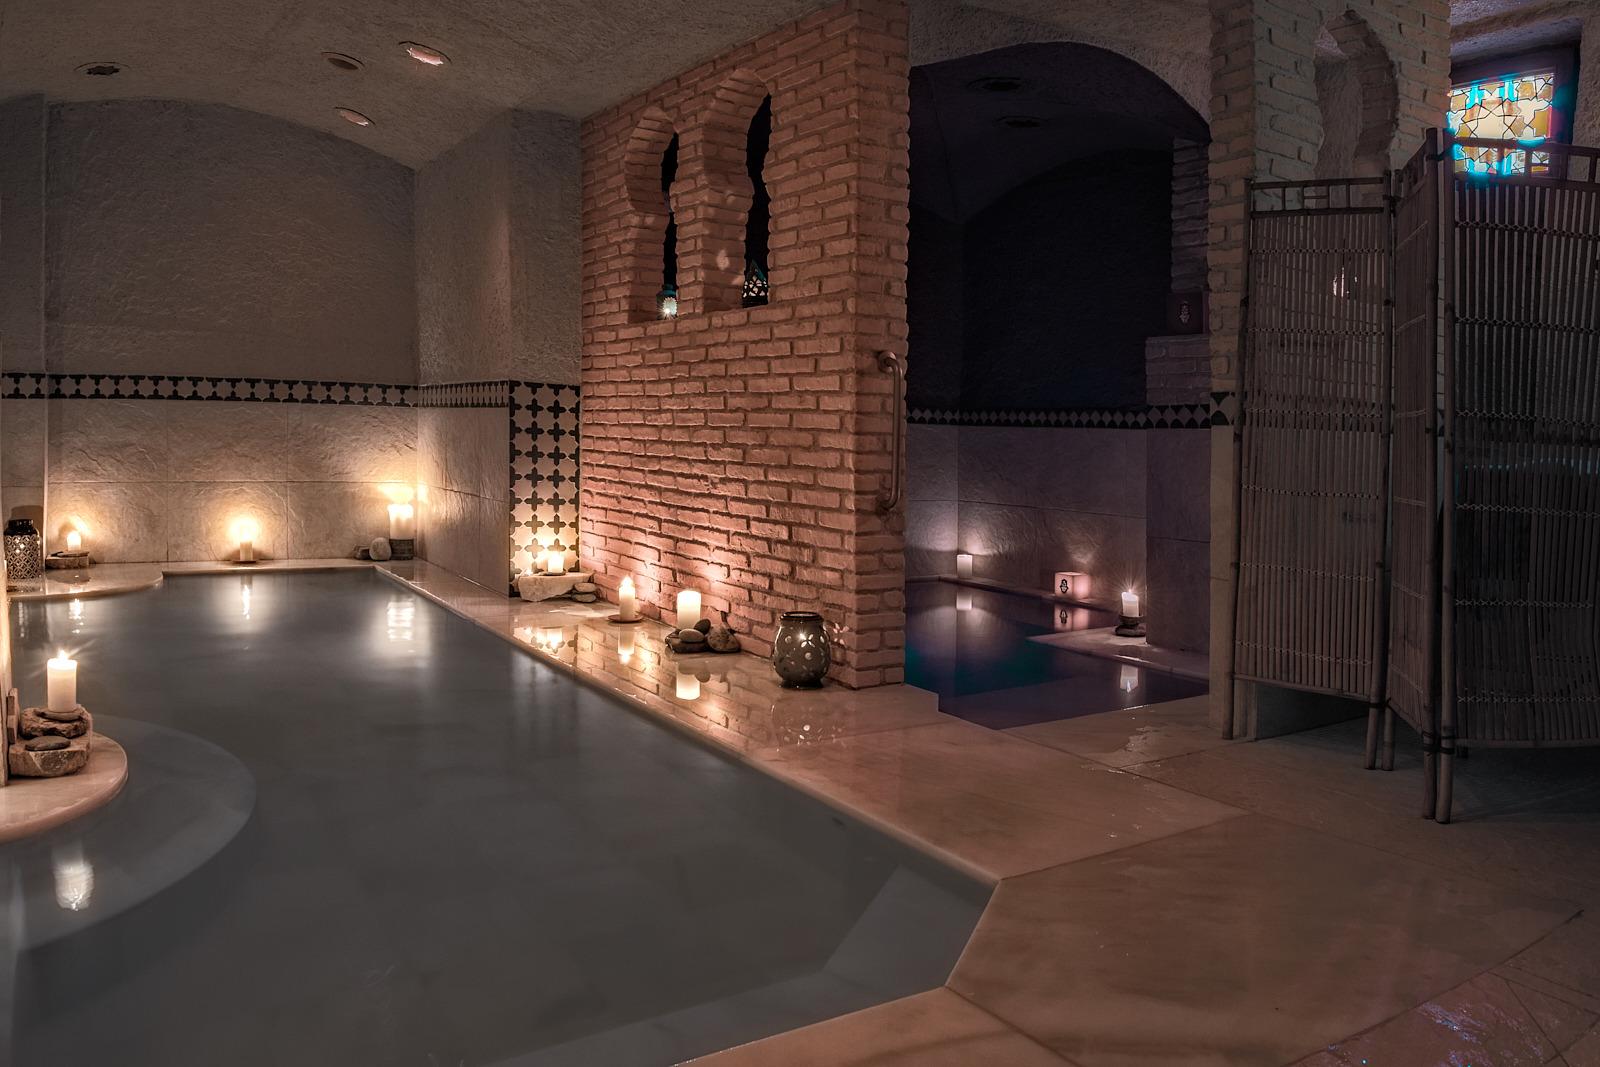 Baños árabes, vista general del balneario con las piscinas de contraste de temperatura